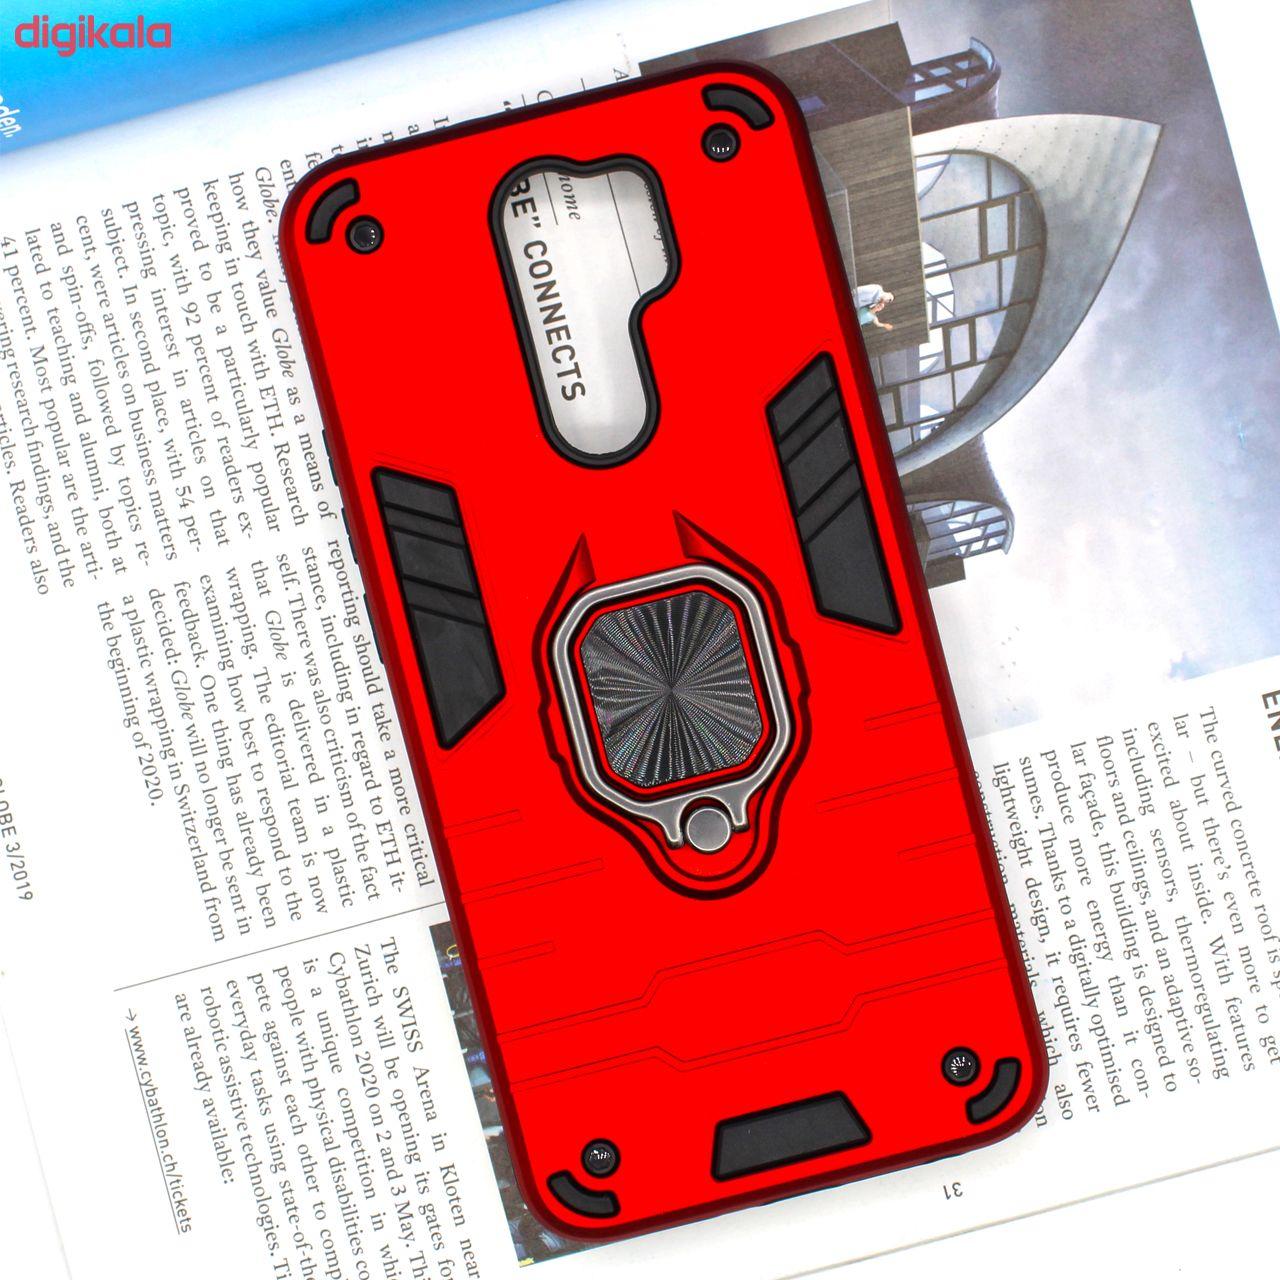 کاور کینگ پاور مدل ASH22 مناسب برای گوشی موبایل شیائومی Redmi 9 / Redmi 9 Prime main 1 9